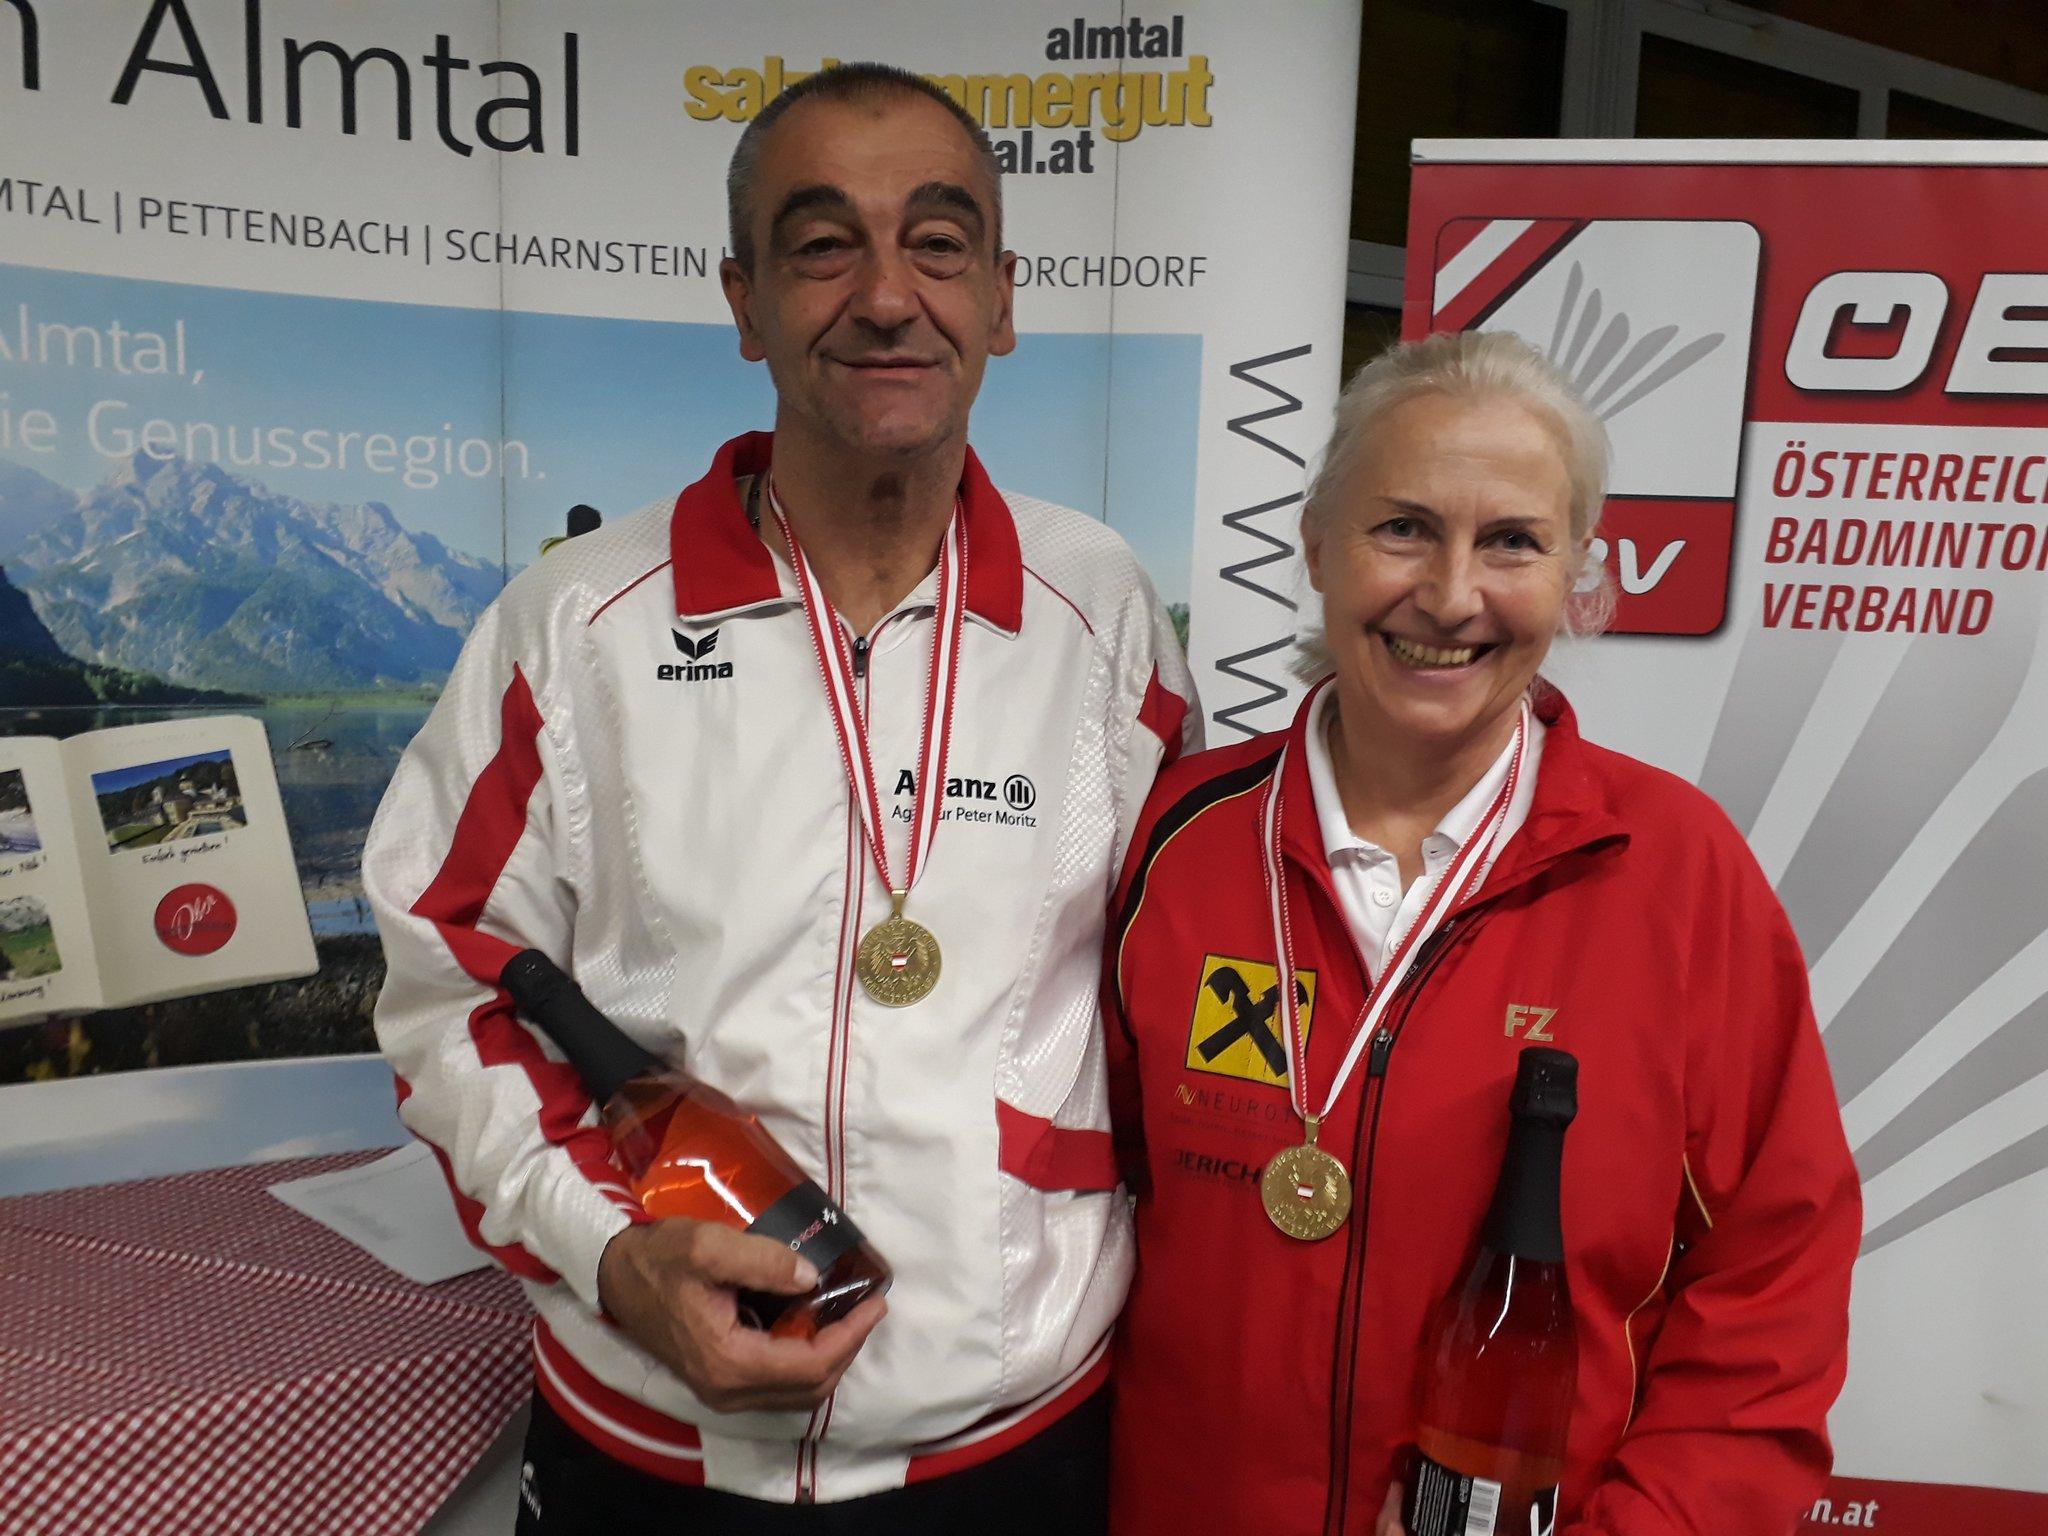 Peter Moritz dominierte bei den österreichischen Badminton Seniorenmeisterschaften - meinbezirk.at